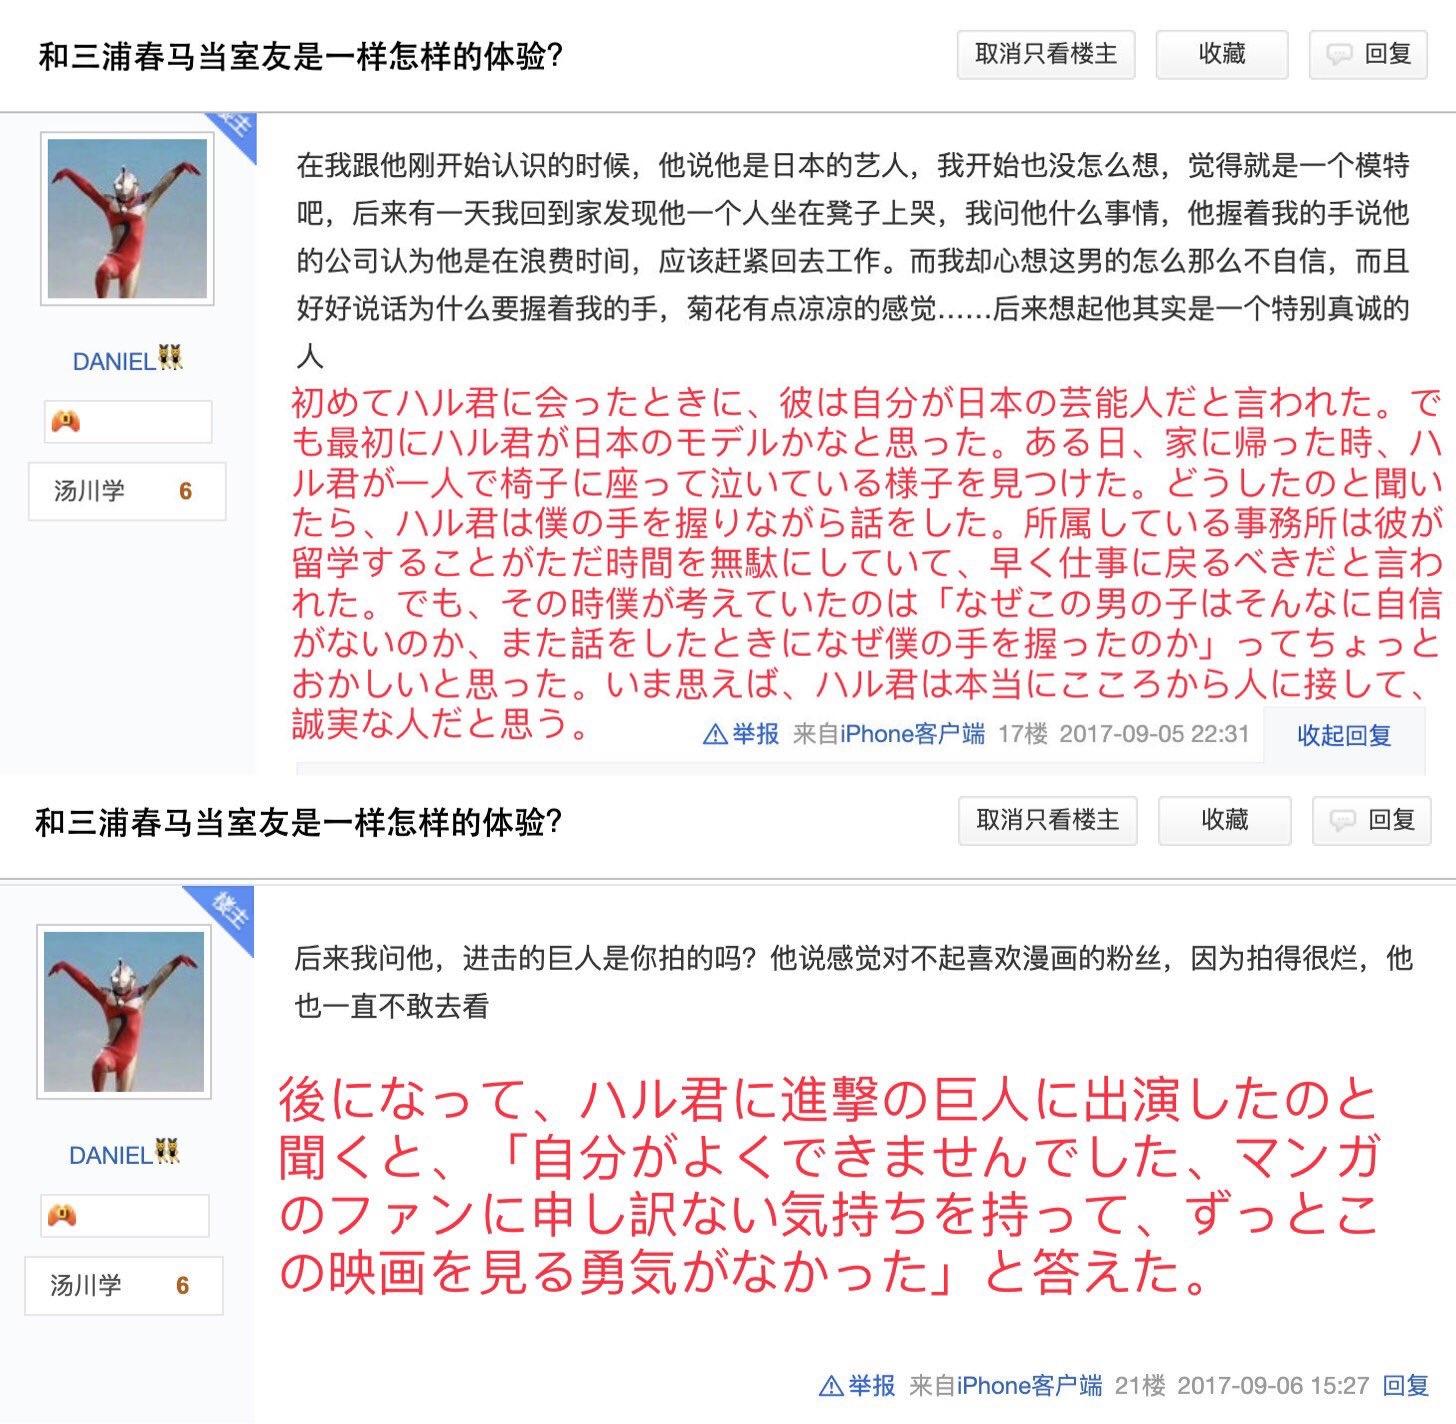 馬 5 チャンネル 三浦 春